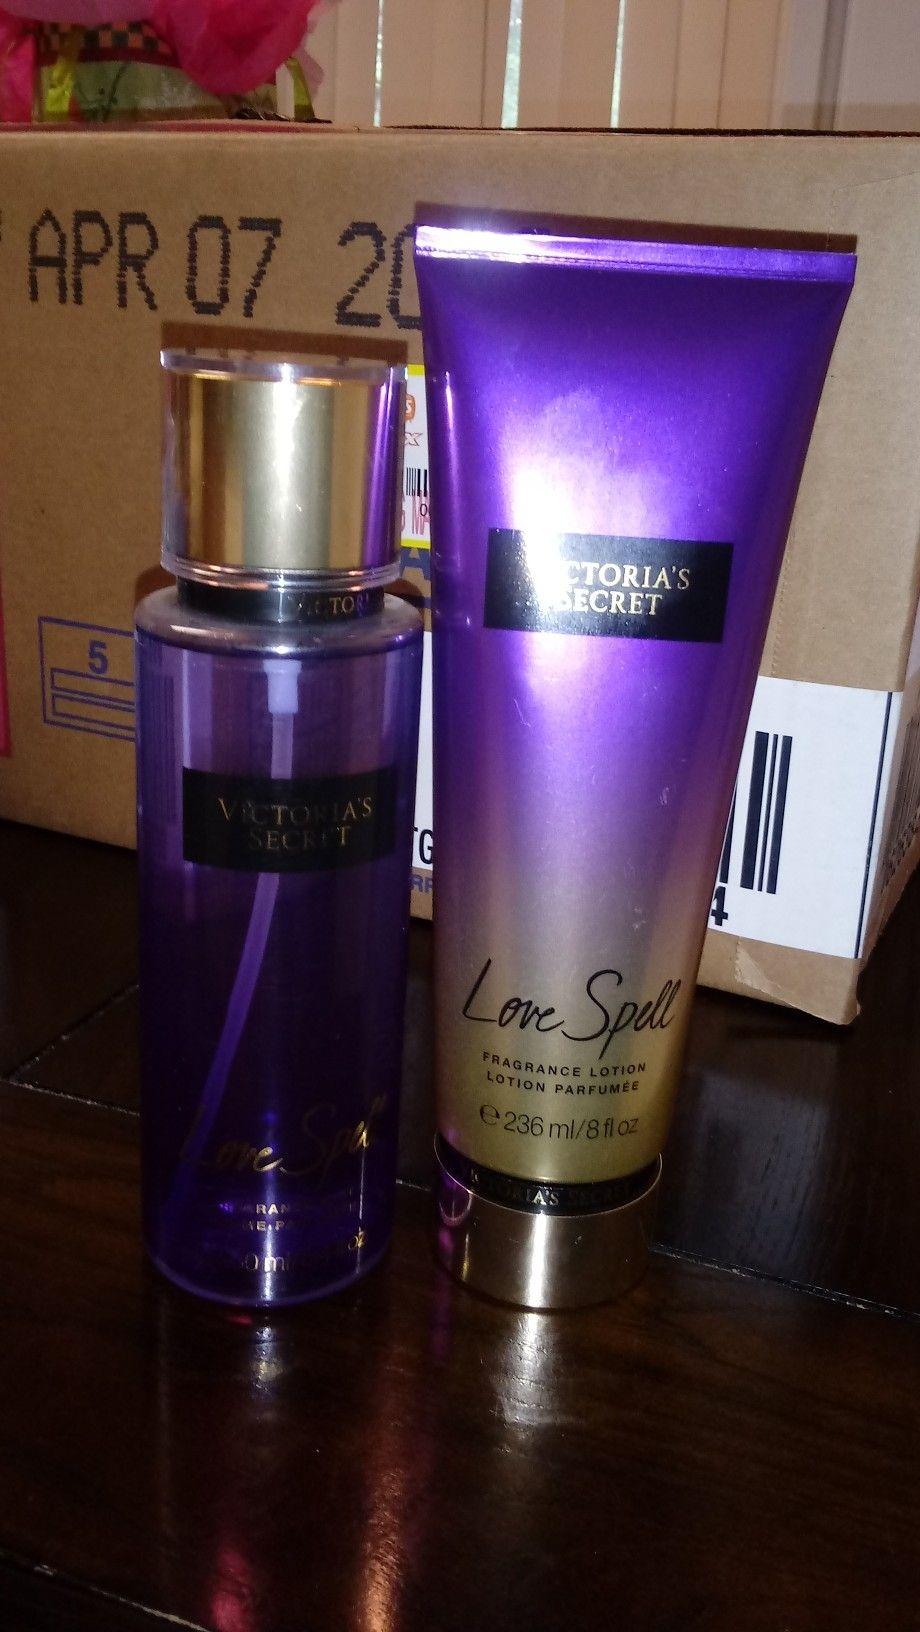 victoria's secret supermodel perfume dupe